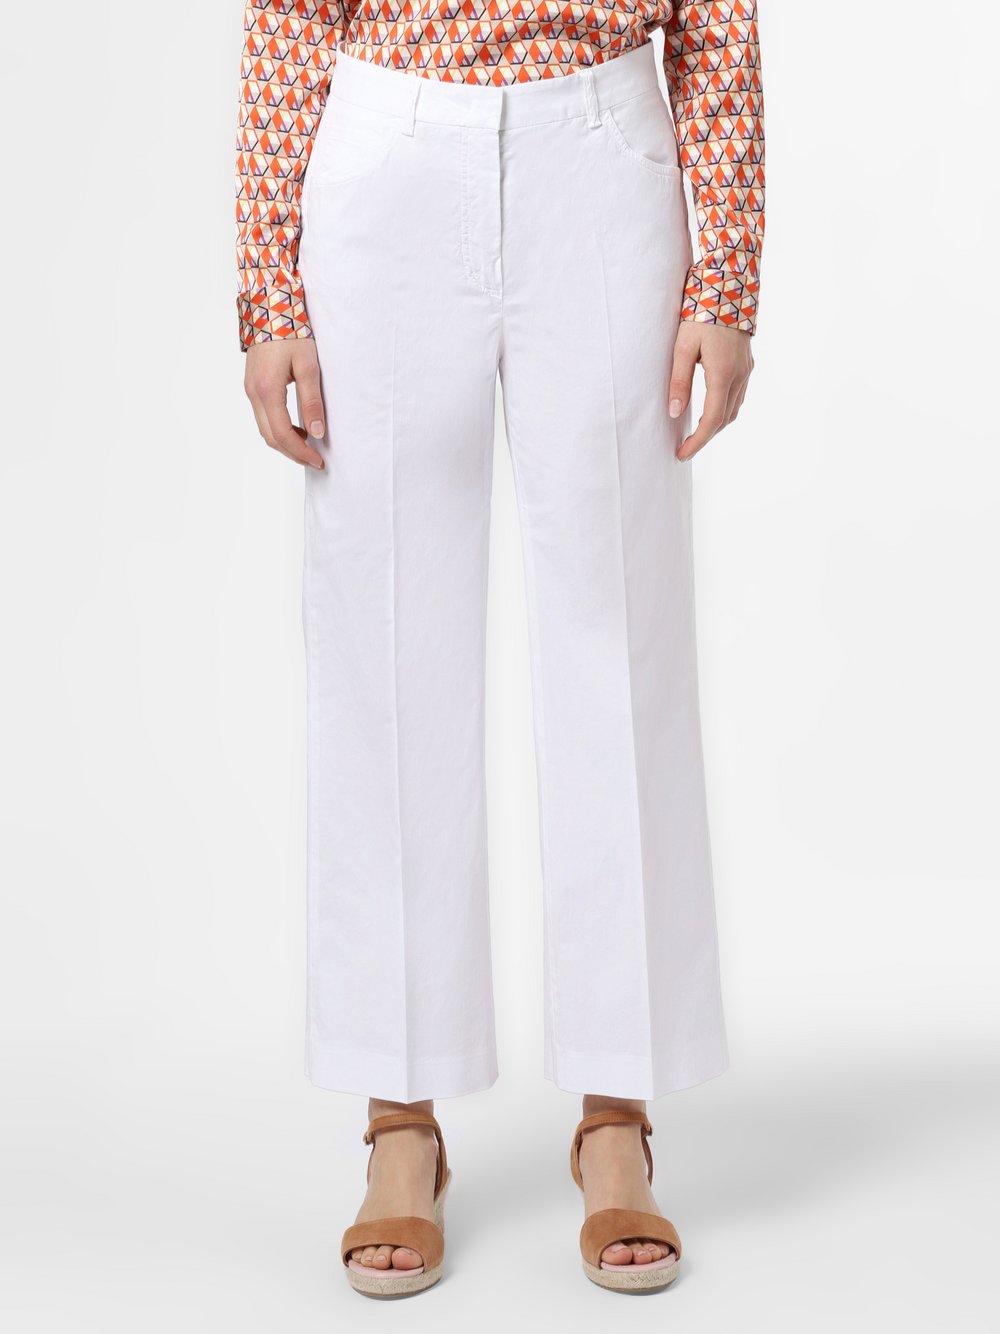 RAFFAELLO ROSSI - Spodnie damskie – Drona, biały